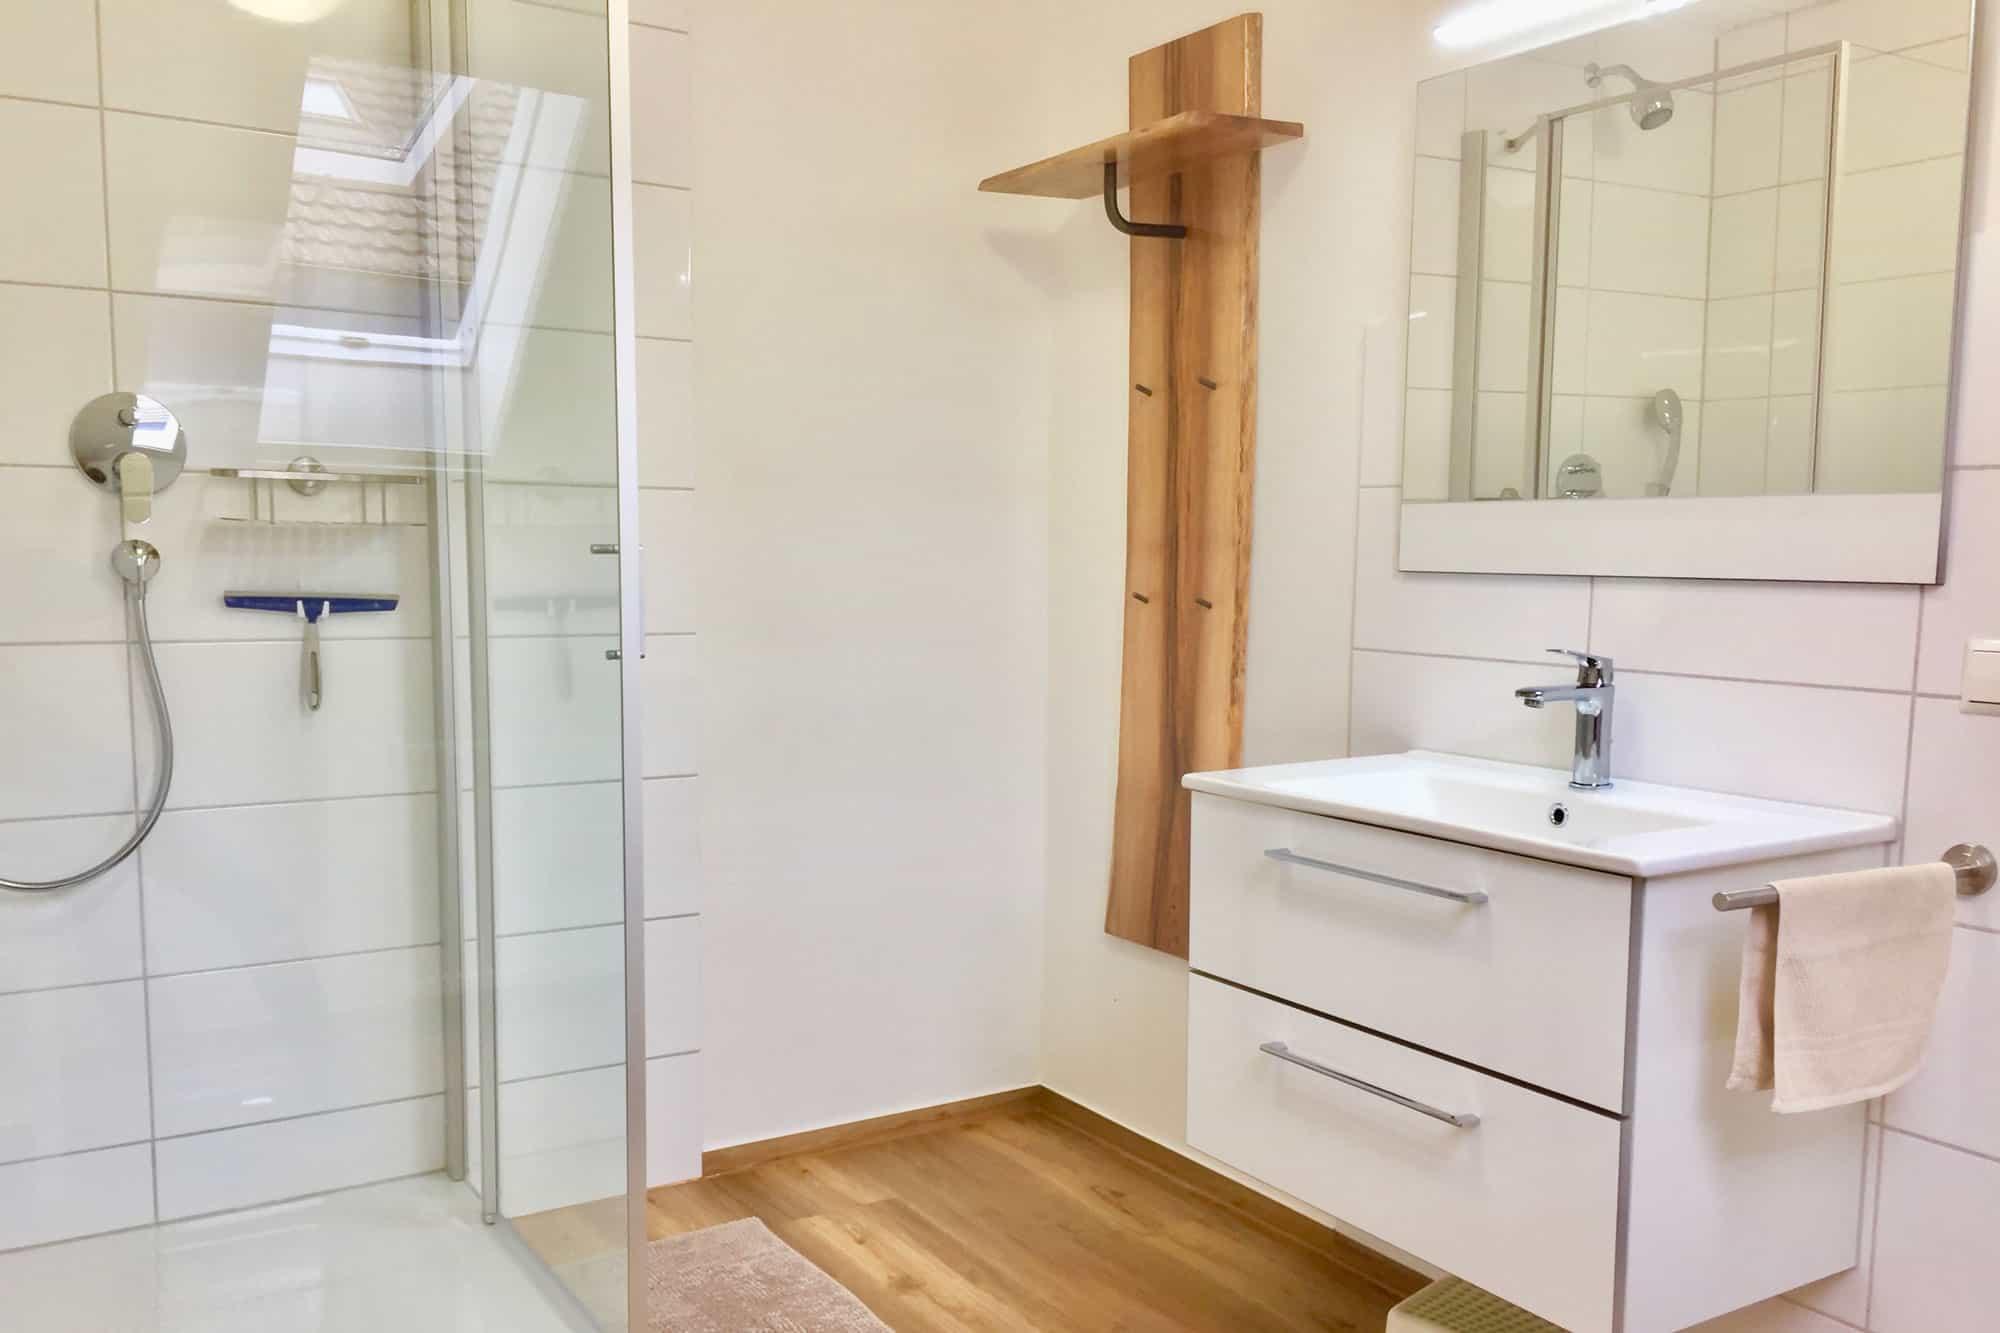 Badezimmer der ferienwohnung beim europapark bitto